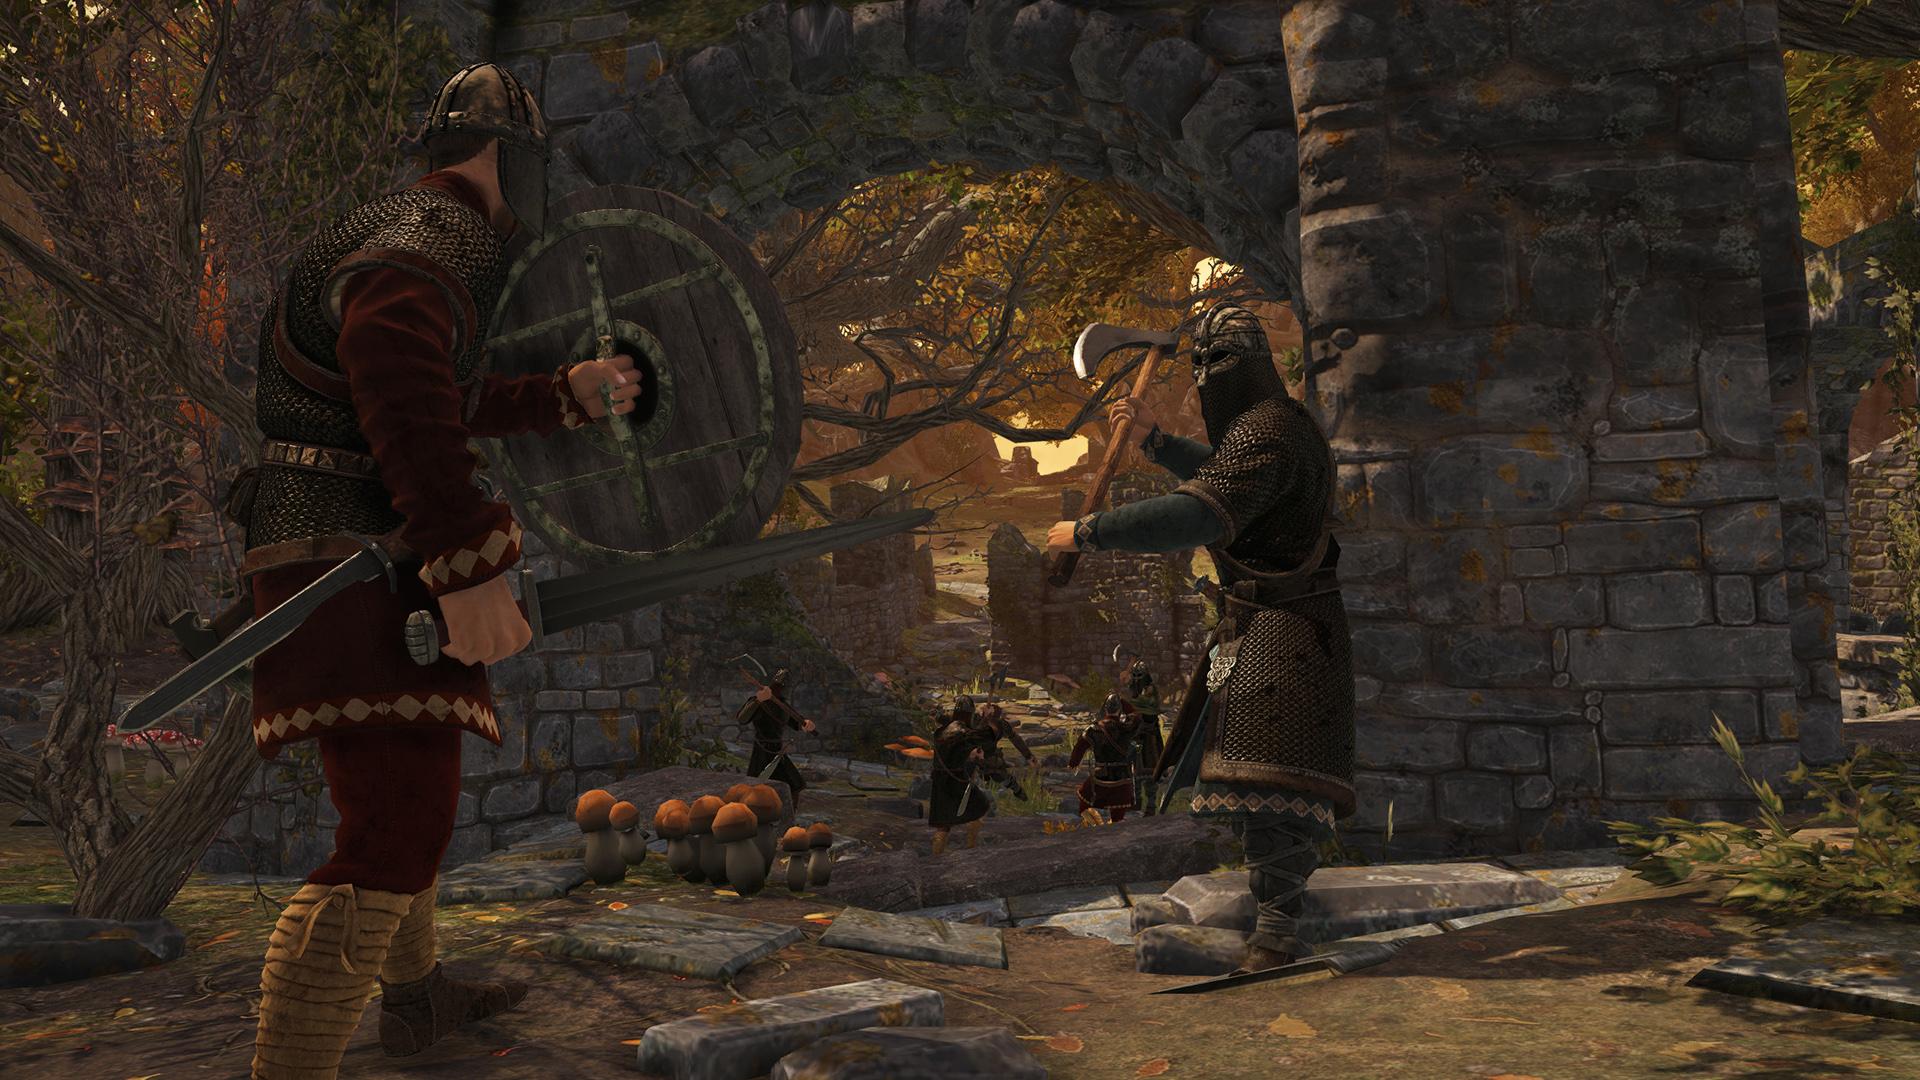 war_of_the_vikings_gamescom_screen_1_26966